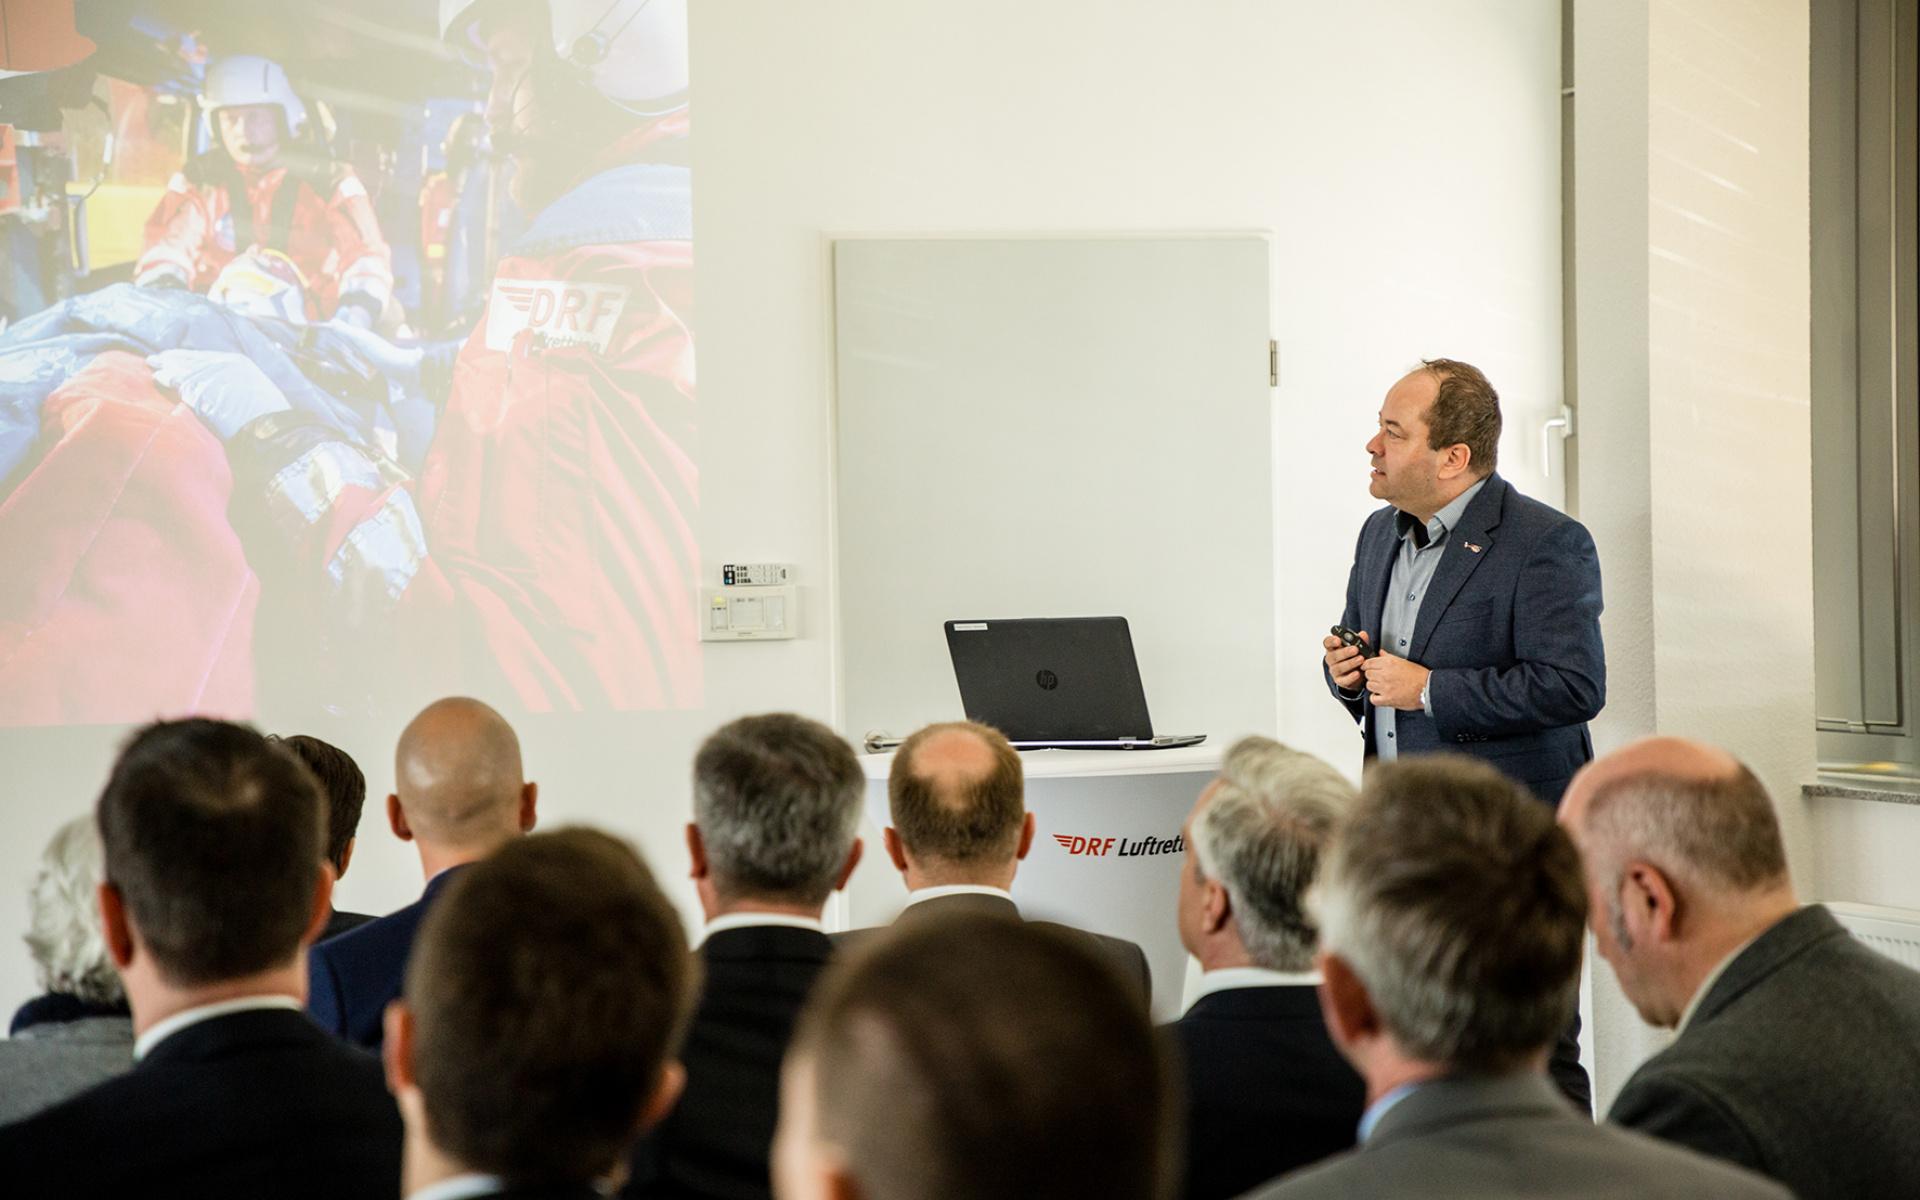 Dr. Gregor Lichy, leitender Notarzt an der Station der DRF Luftrettung in Stuttgart, referierte in seinem Vortrag über die Herausforderungen im 24-h-Luftrettungsdienst.